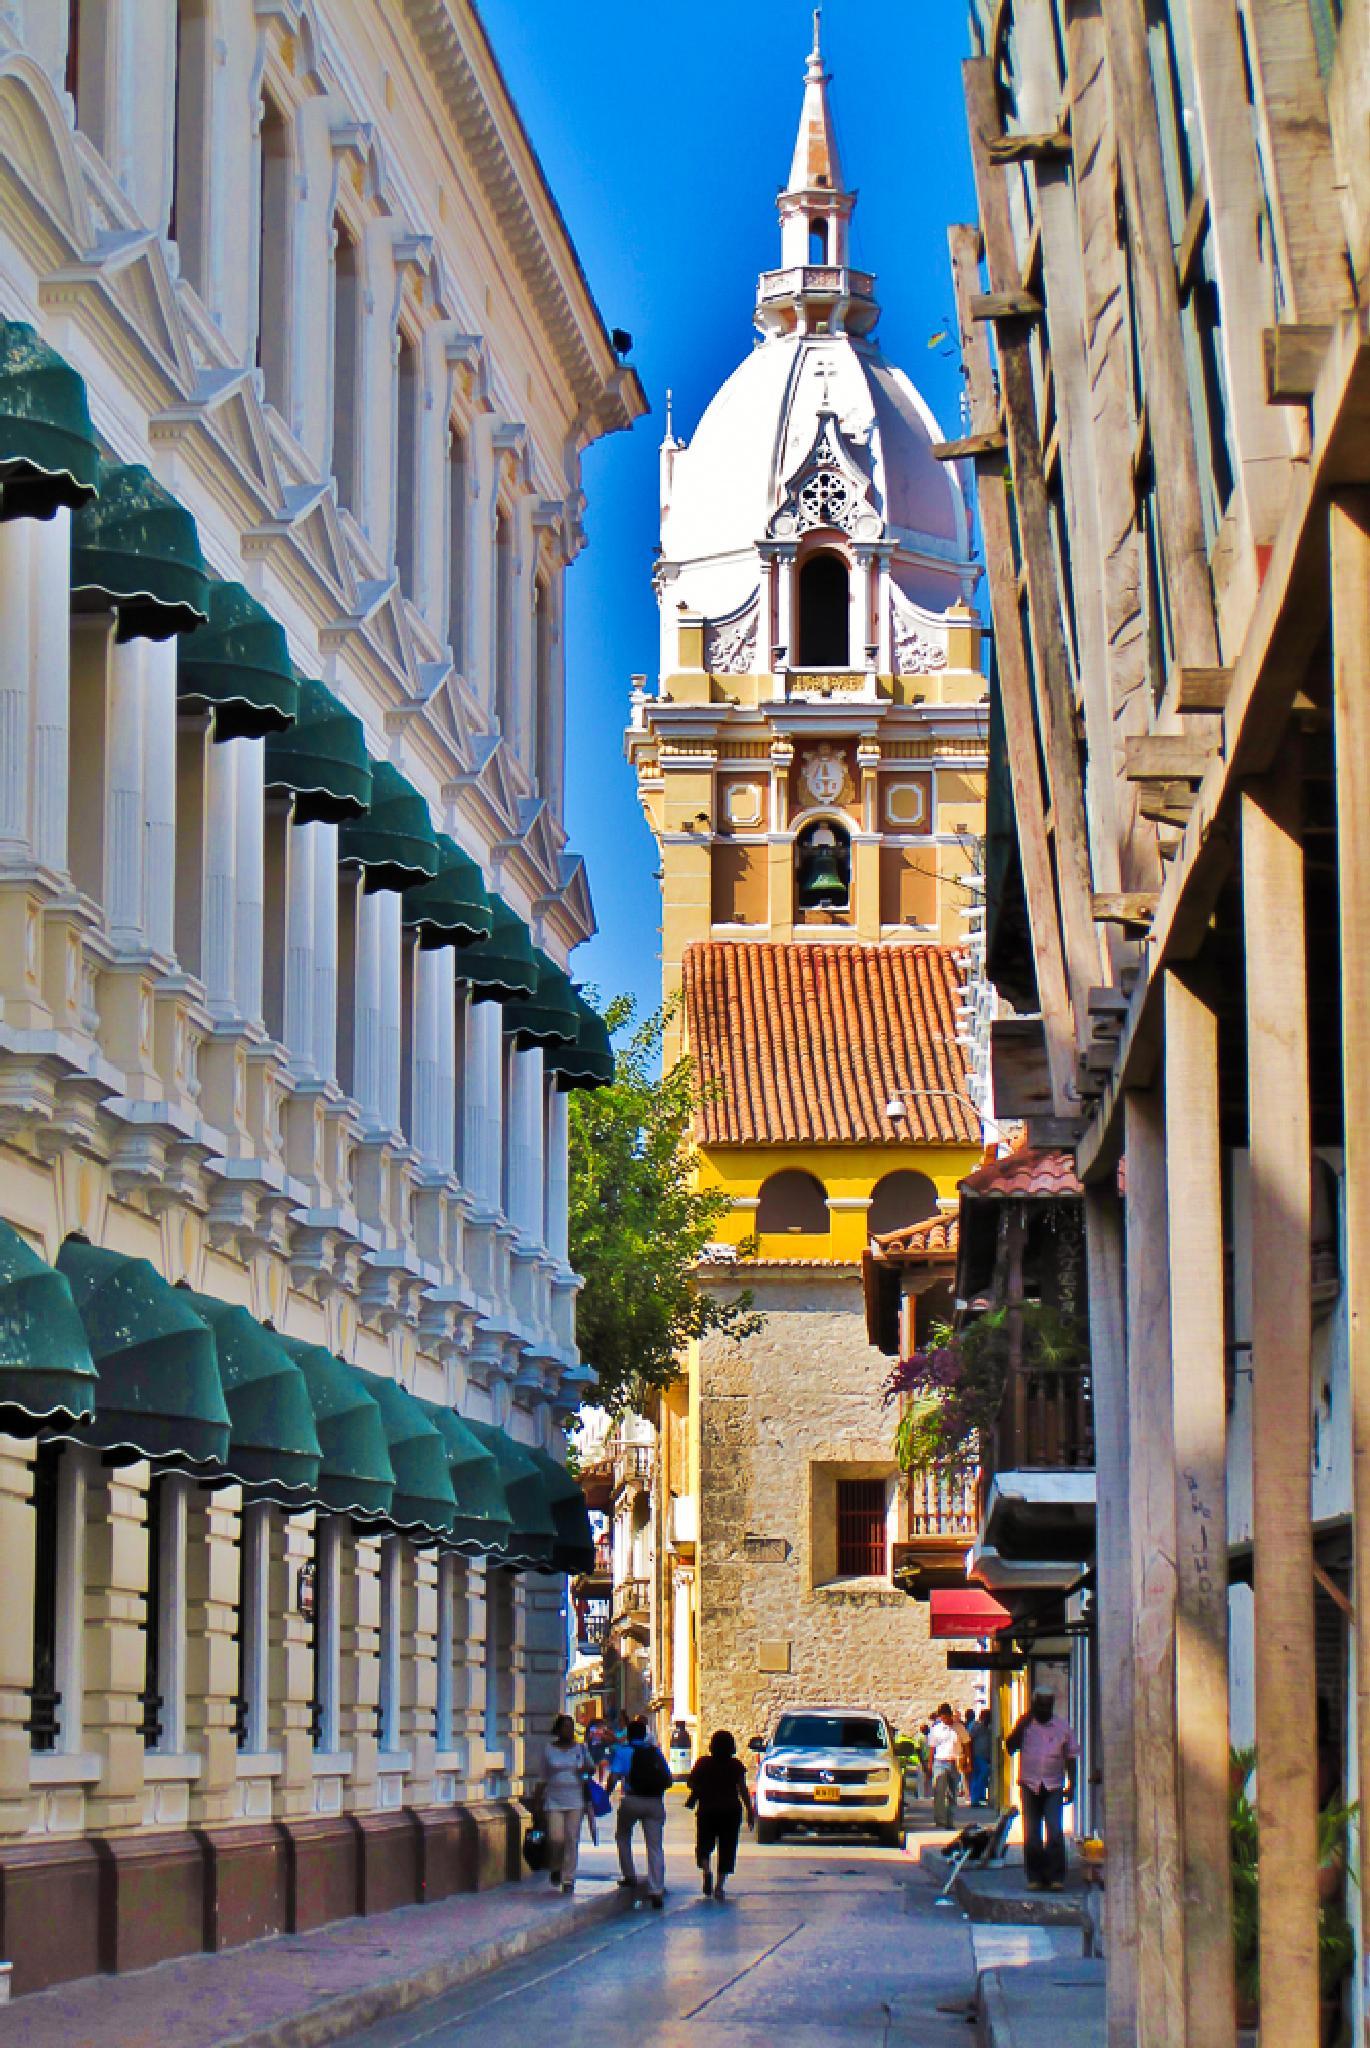 In the end, La iglesia de San Pedro / Cartagena by pescado.feliz